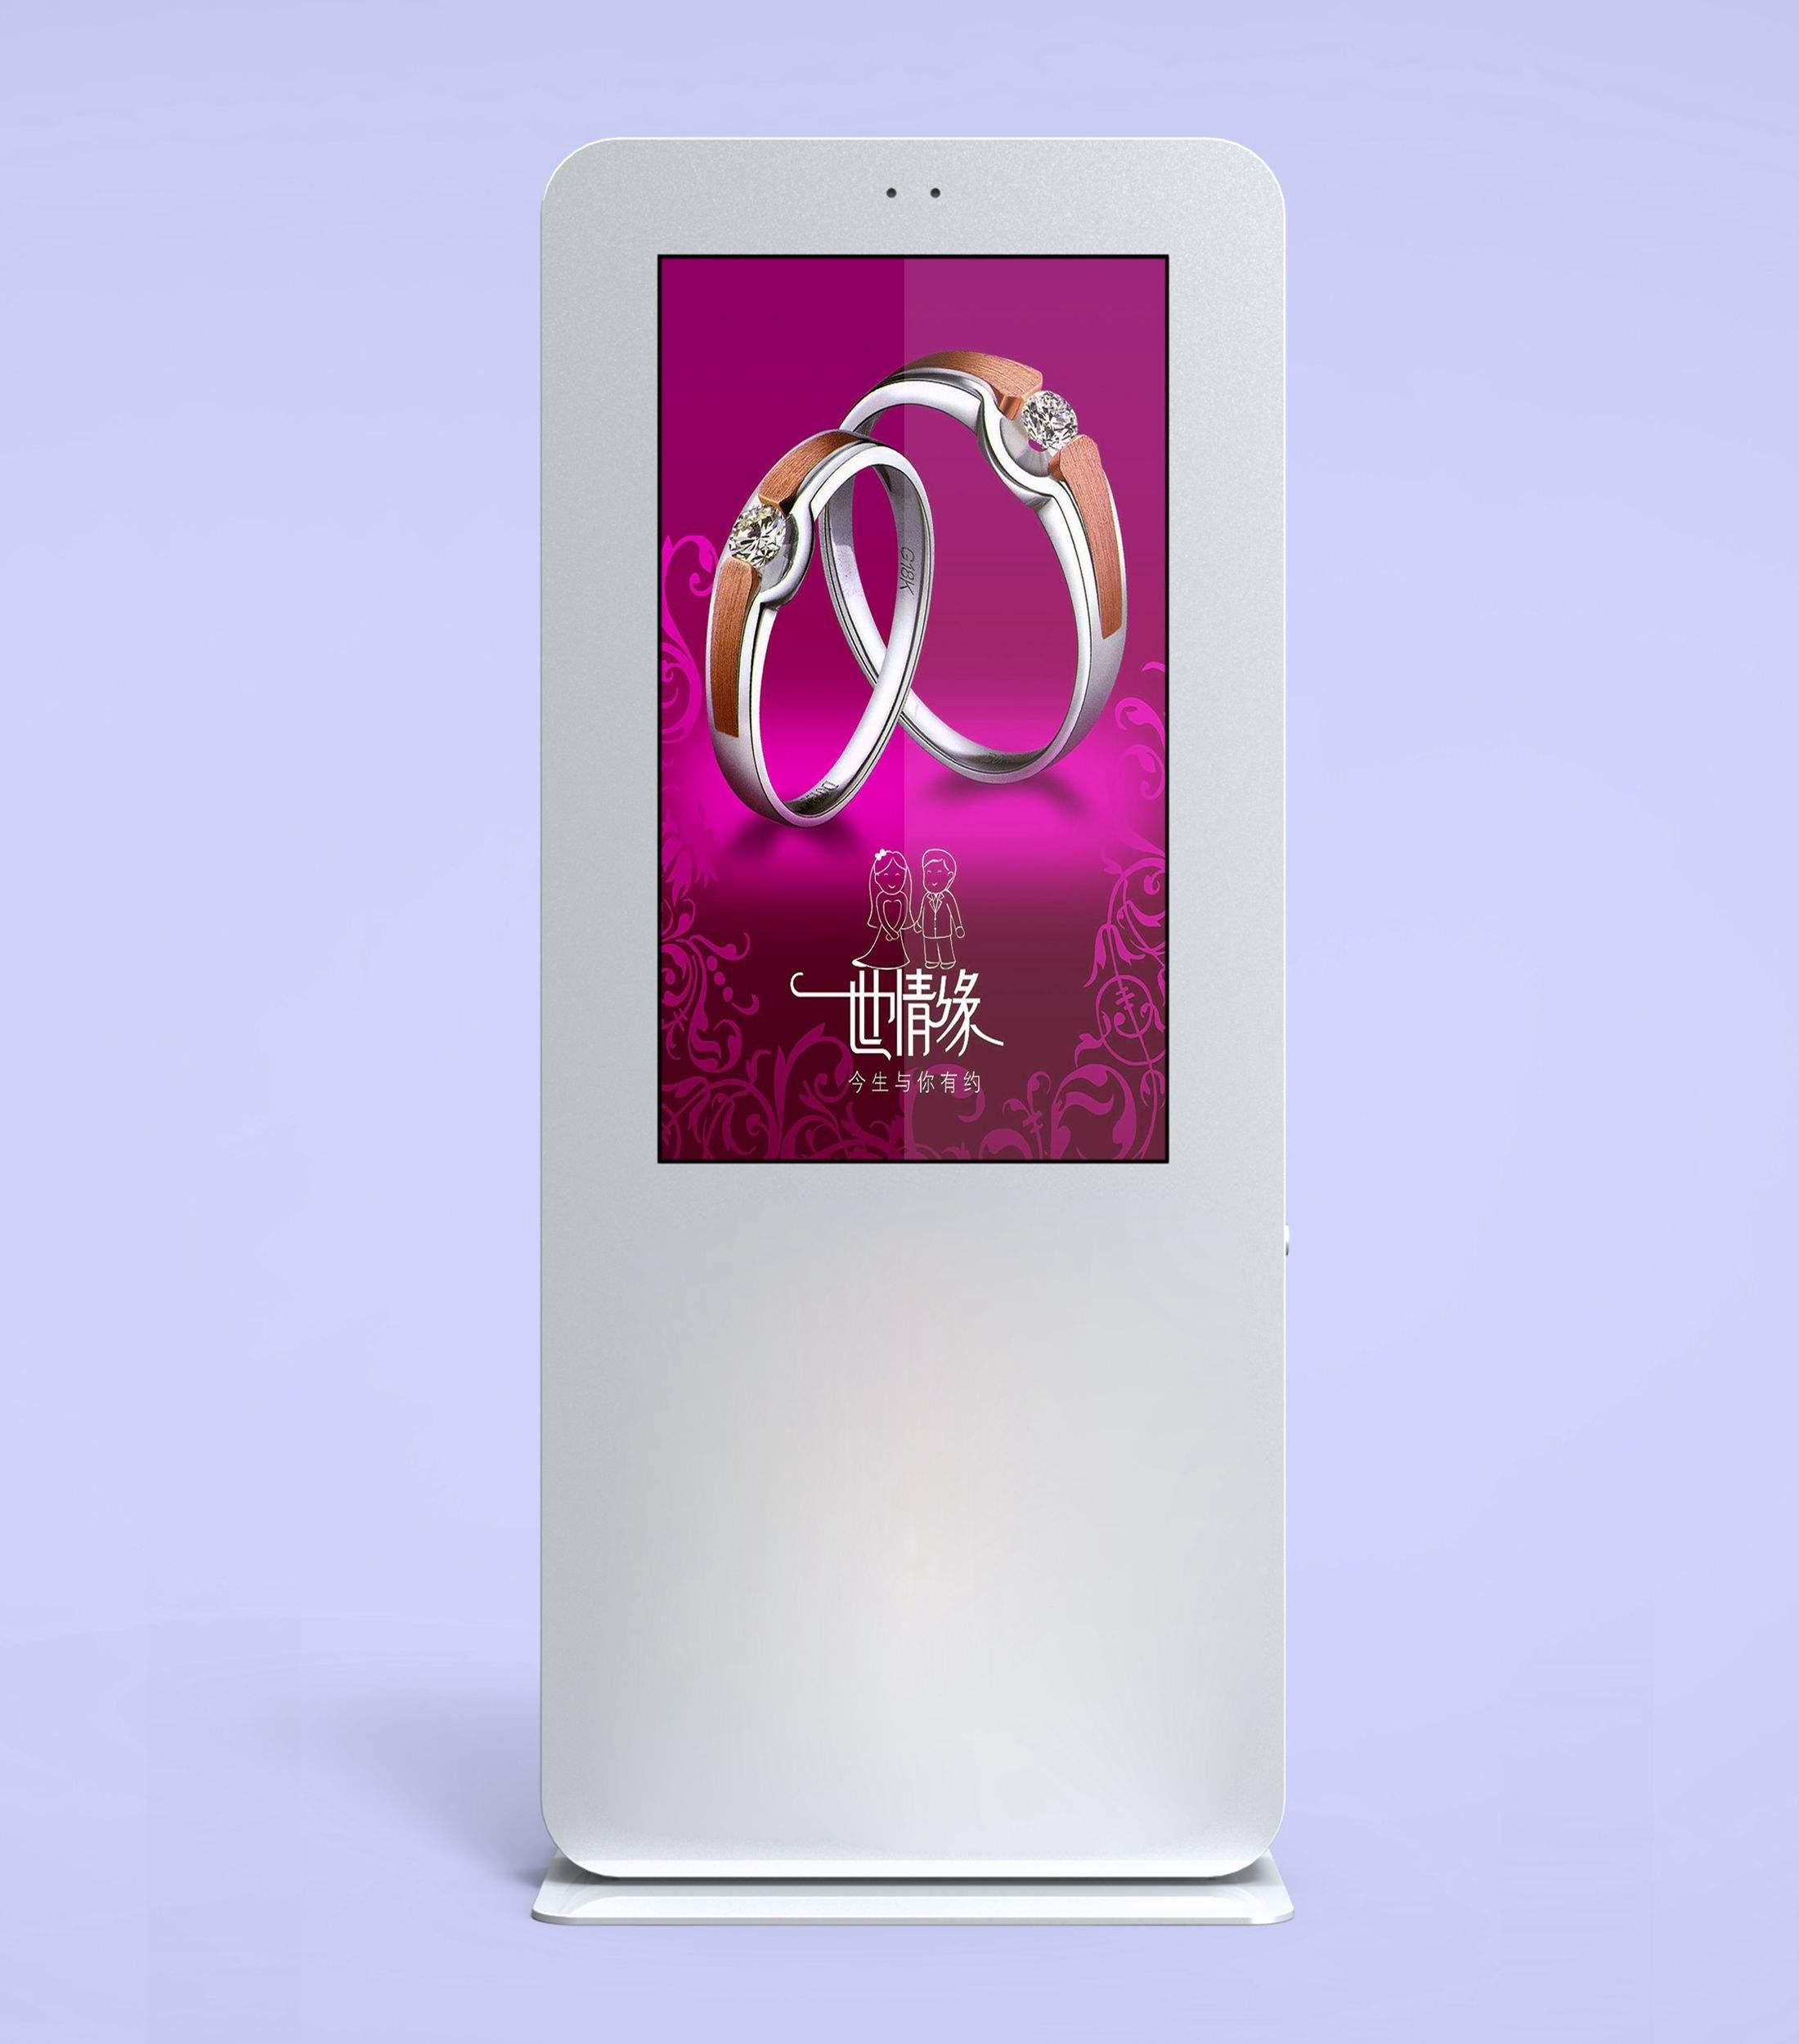 户外广告机如何使用移动硬盘